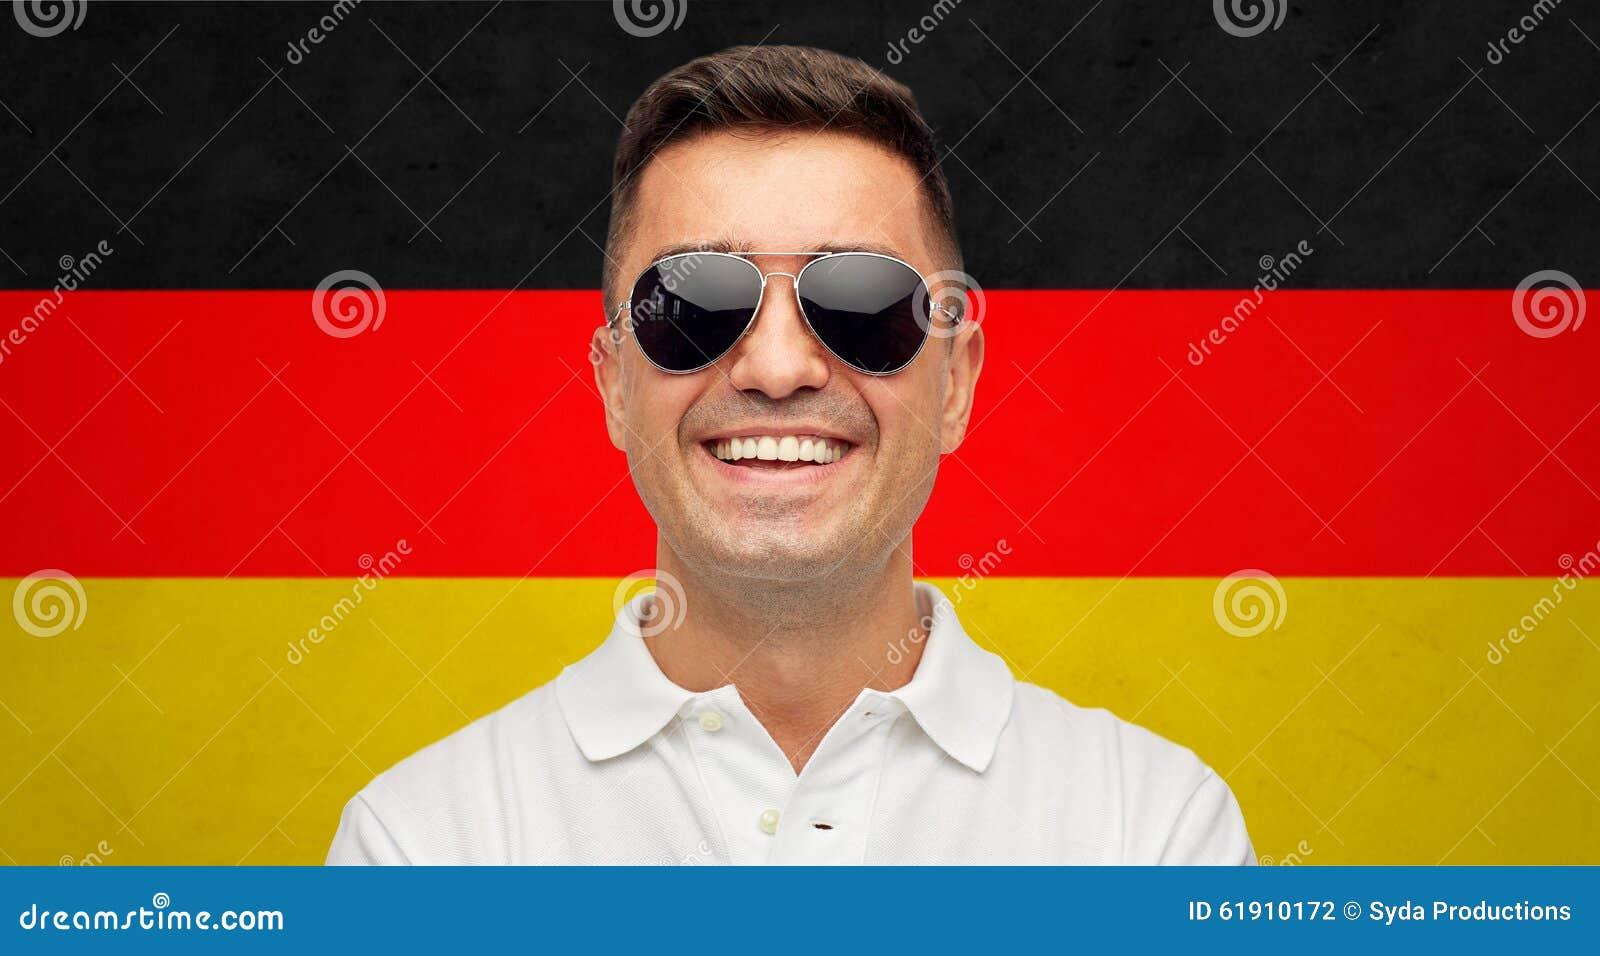 Πρόσωπο του χαμογελώντας ατόμου στα γυαλιά ηλίου πέρα από τη γερμανική σημαία